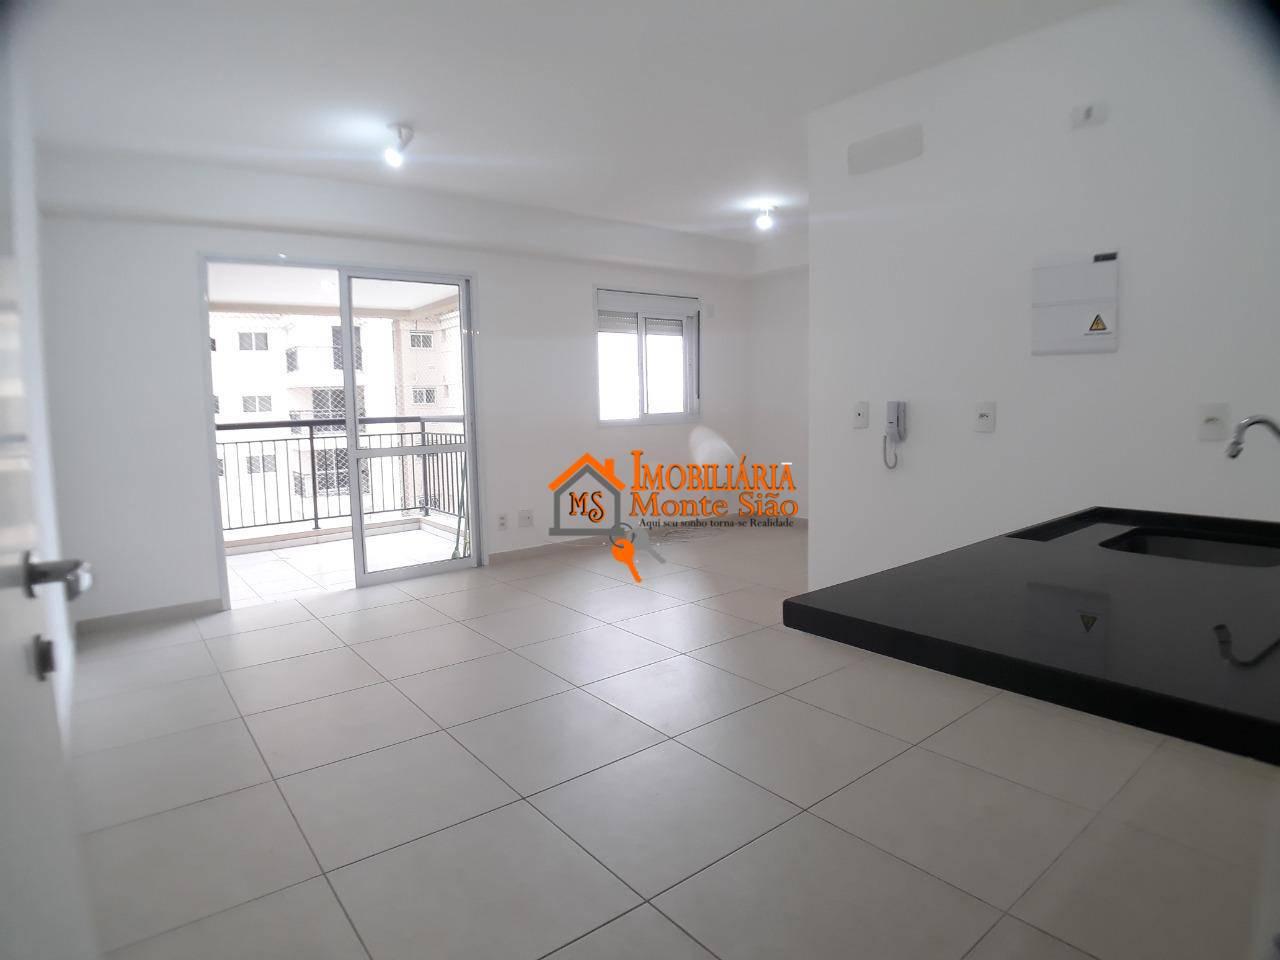 Studio com 1 dormitório à venda, 38 m² por R$ 295.000,00 - Jardim Flor da Montanha - Guarulhos/SP